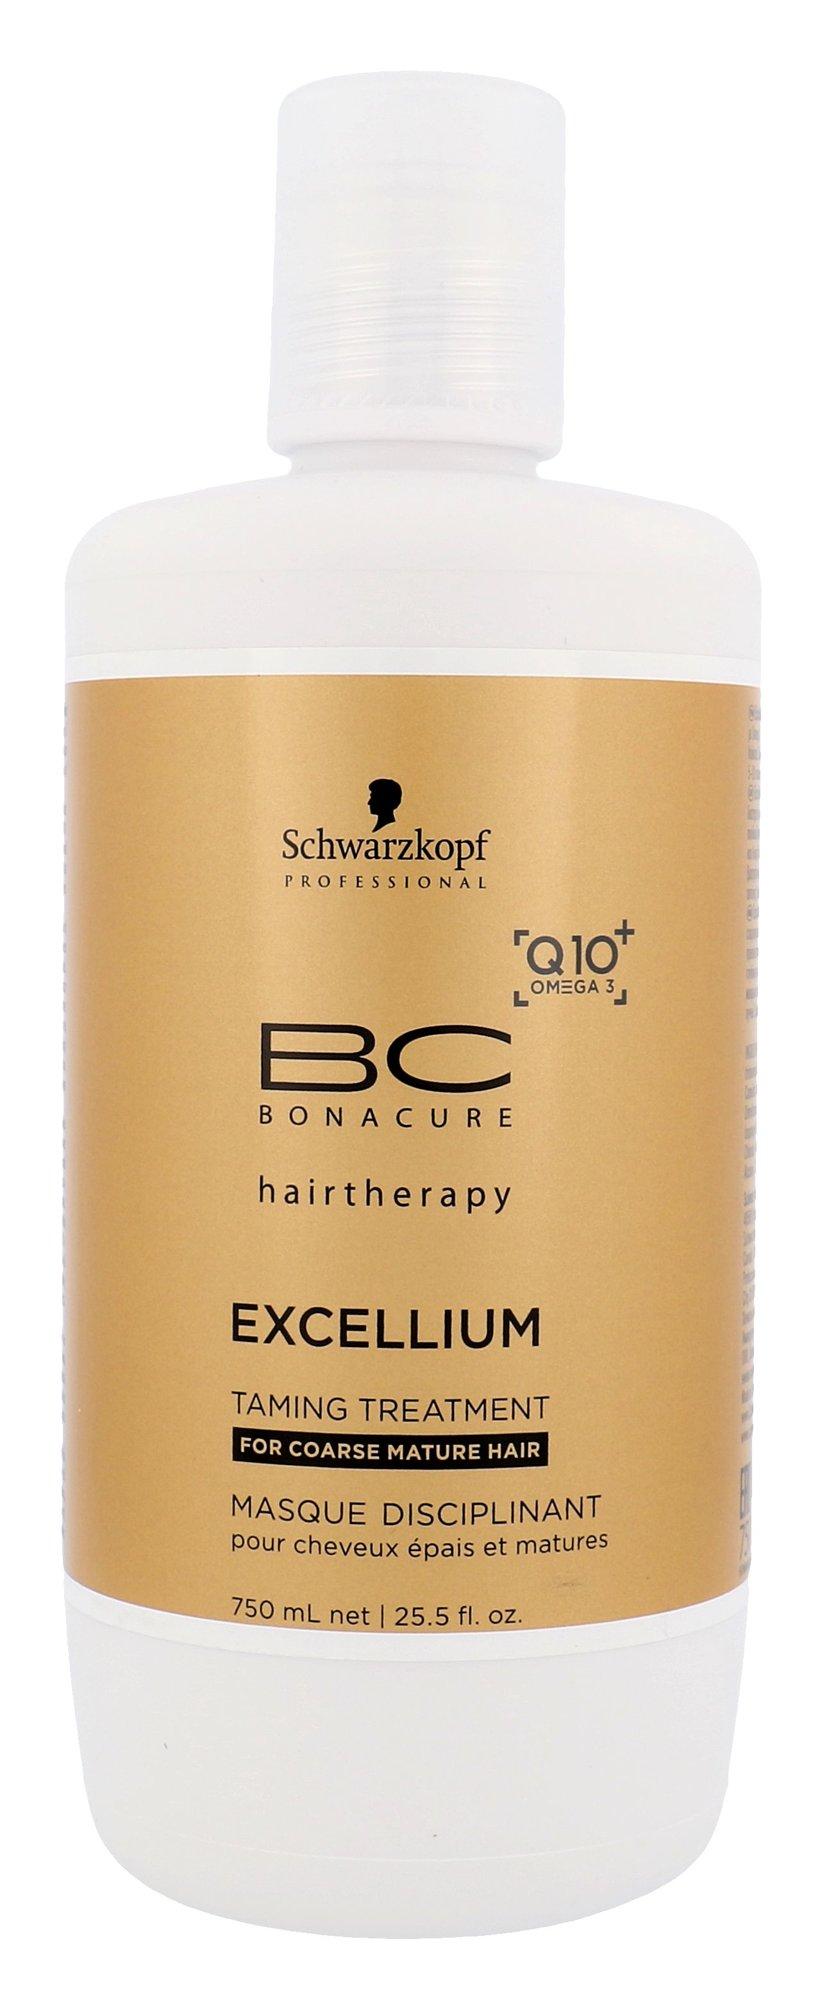 Schwarzkopf Professional BC Bonacure Excellium Cosmetic 750ml